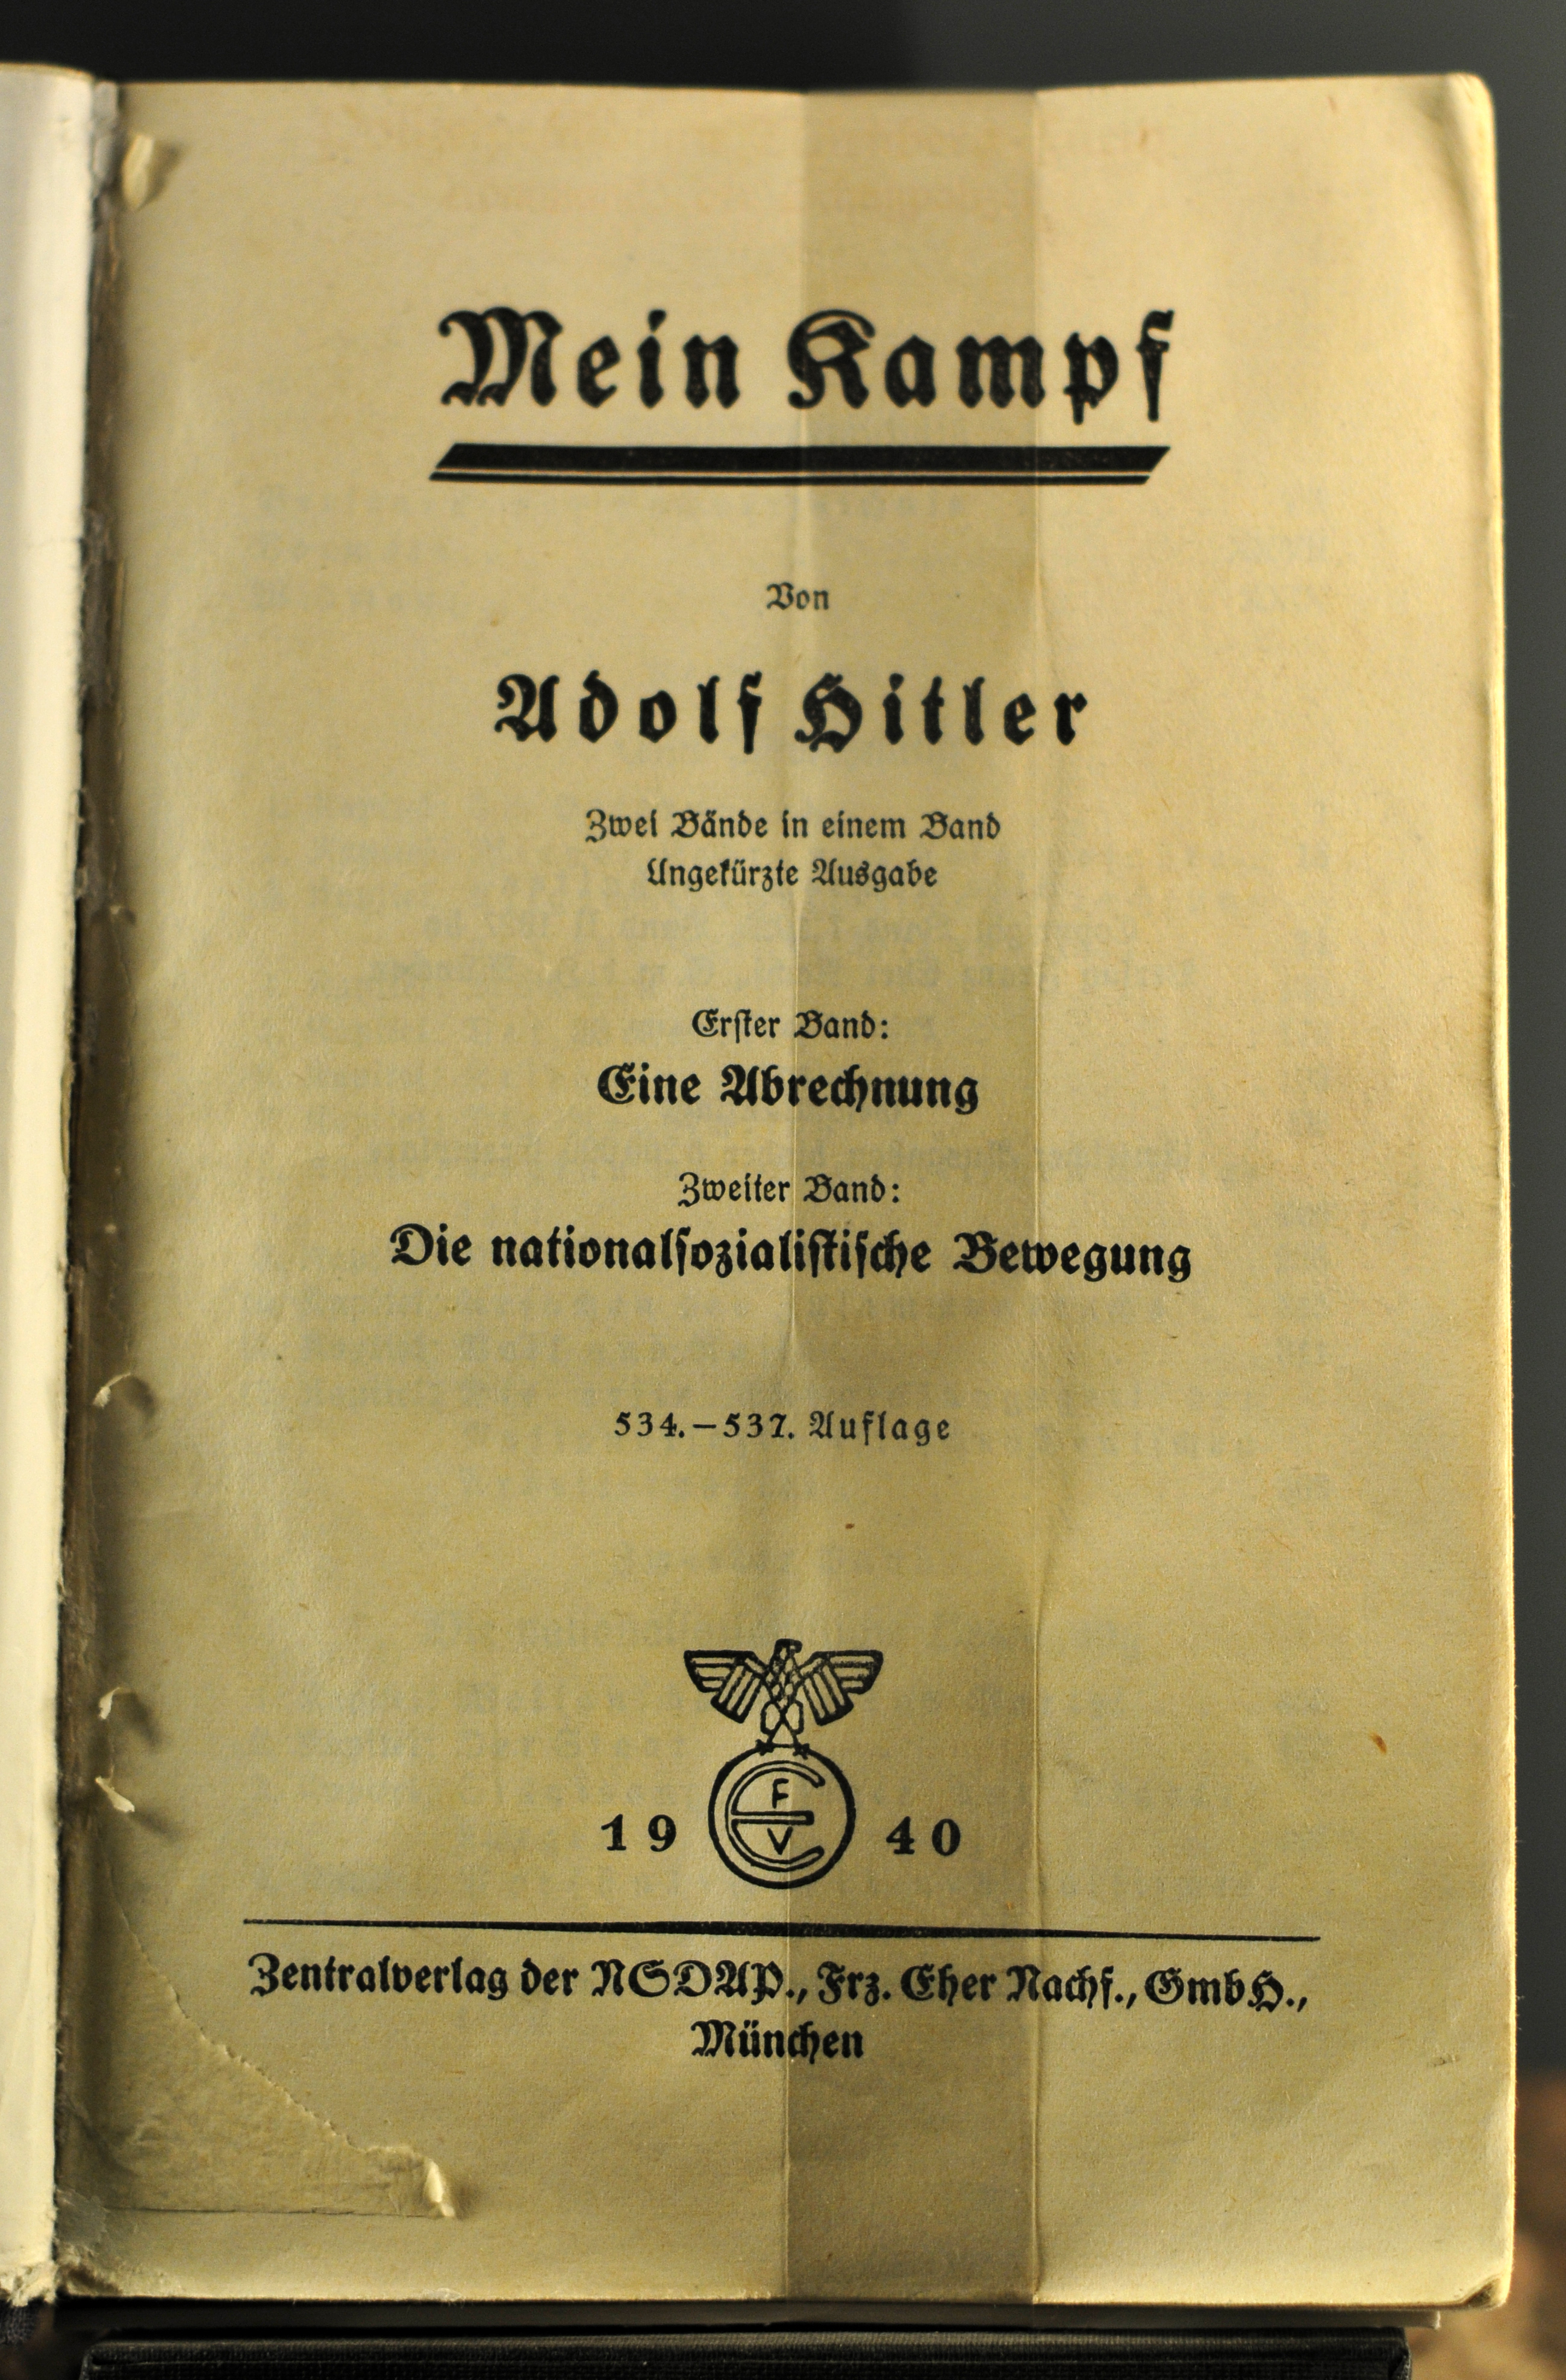 Noch eine alte Ausgabe, ohne kritische Anmerkungen. (Quelle: Ralf Roletschek via Wikimedia Commons, gemeinfrei)